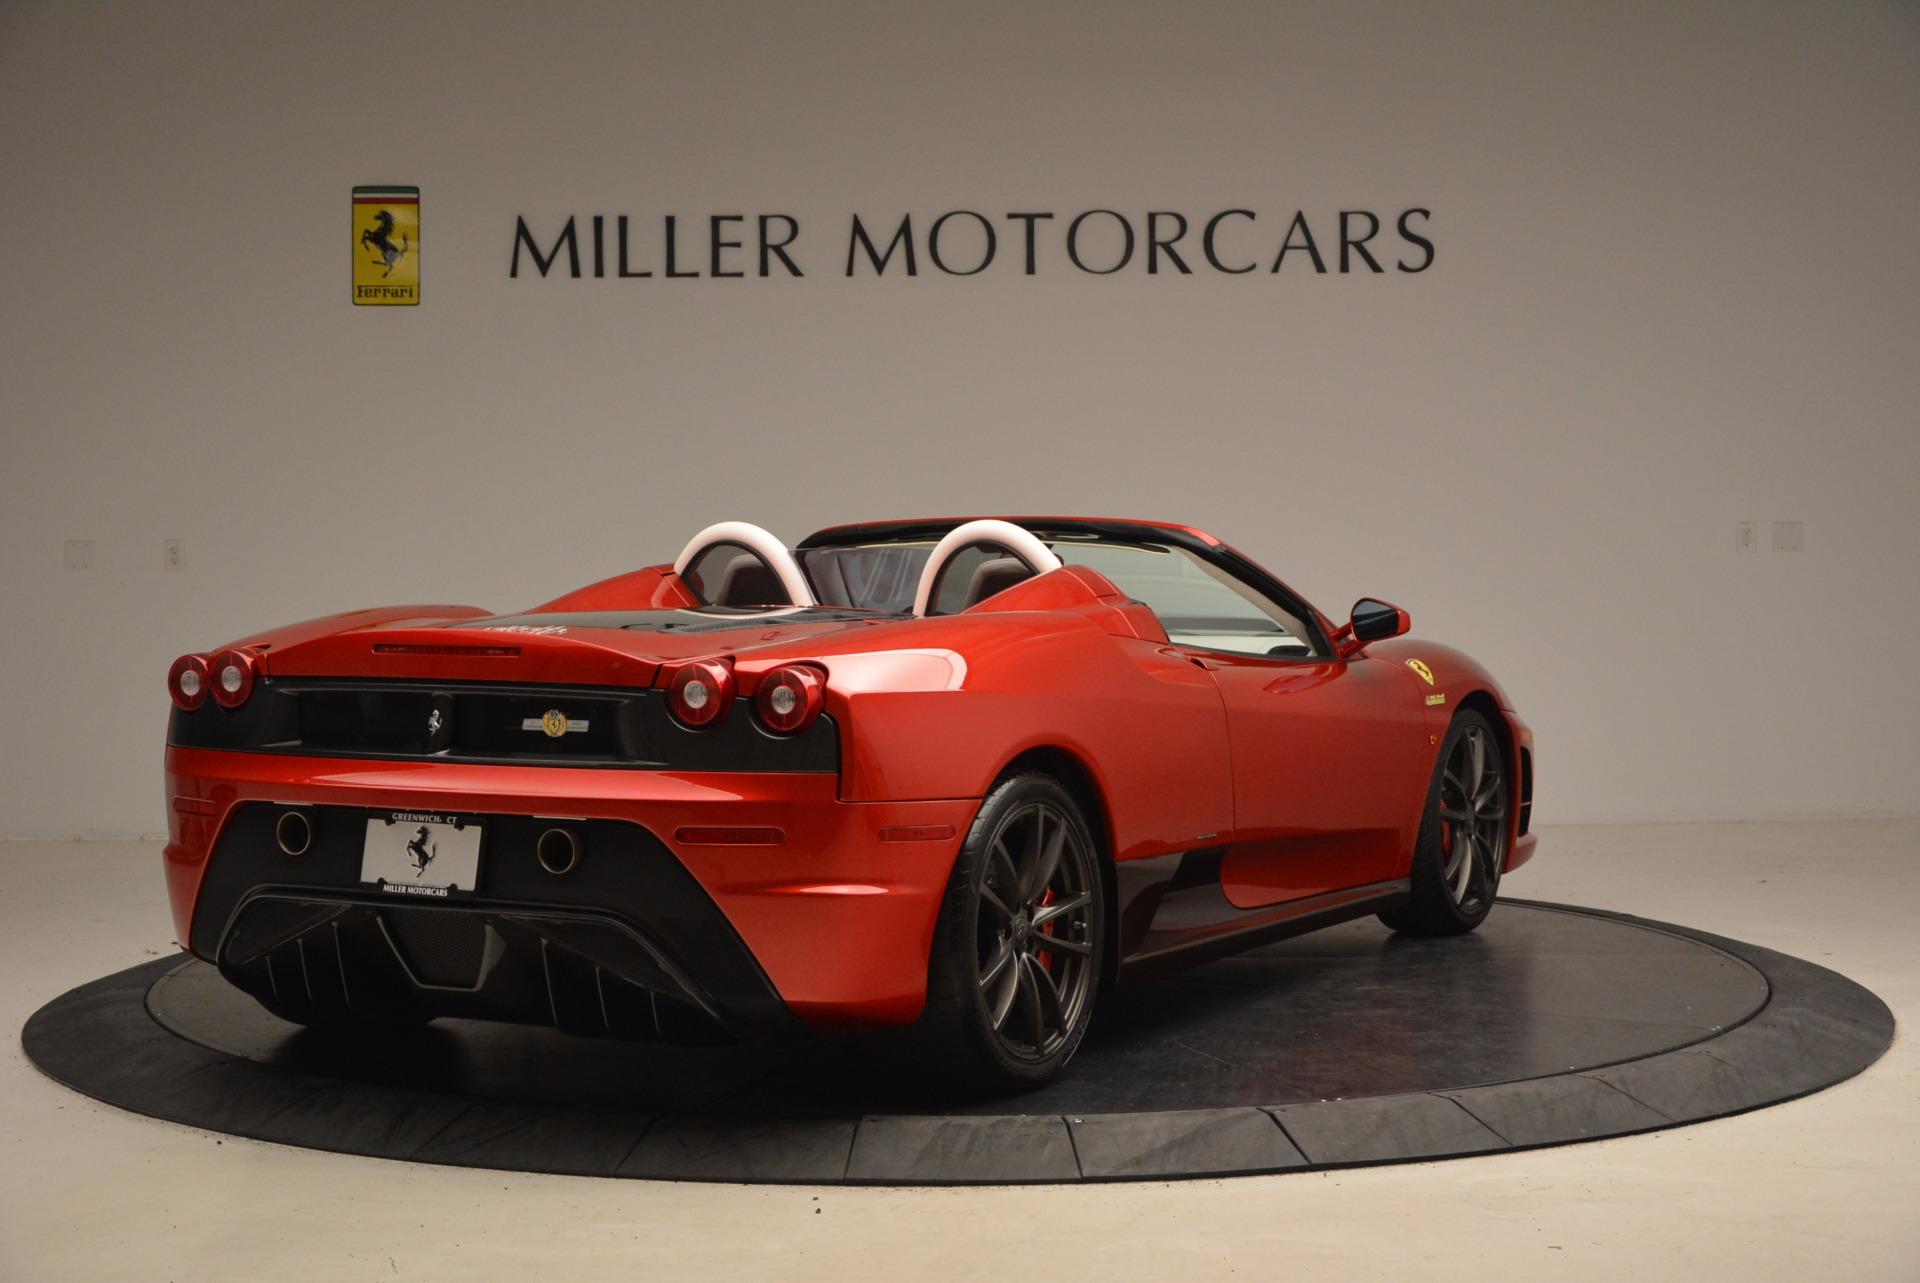 Used 2009 Ferrari F430 Scuderia 16M For Sale In Greenwich, CT. Alfa Romeo of Greenwich, 4404 1398_p7